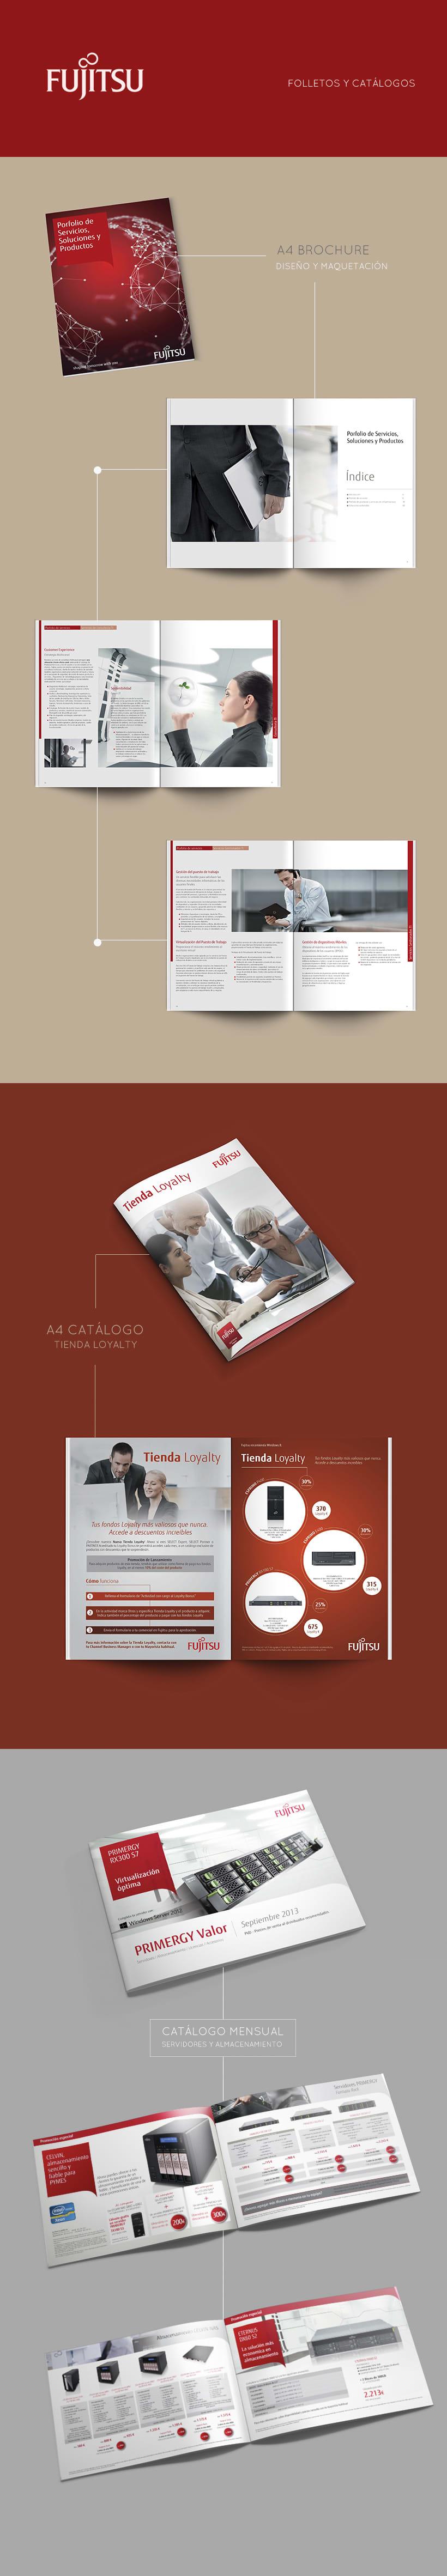 Folletos y catálogos Fujitsu 0